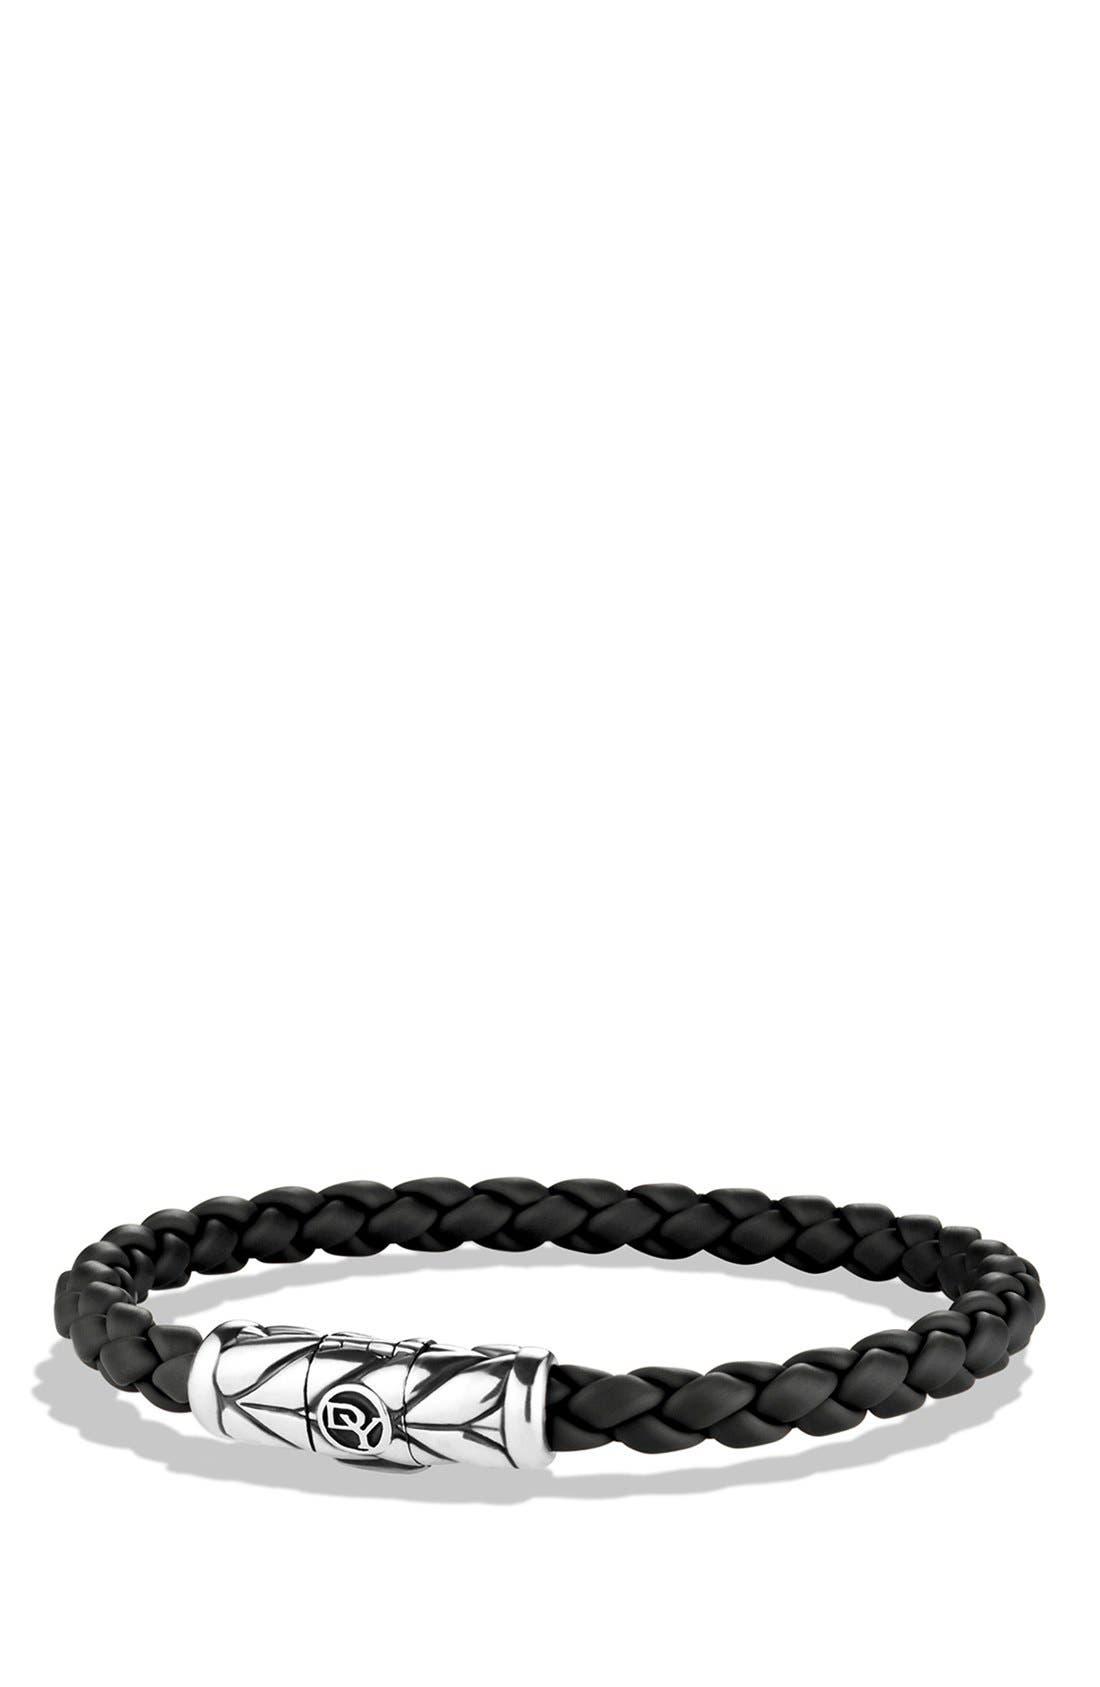 DAVID YURMAN Chevron Woven Rubber Bracelet